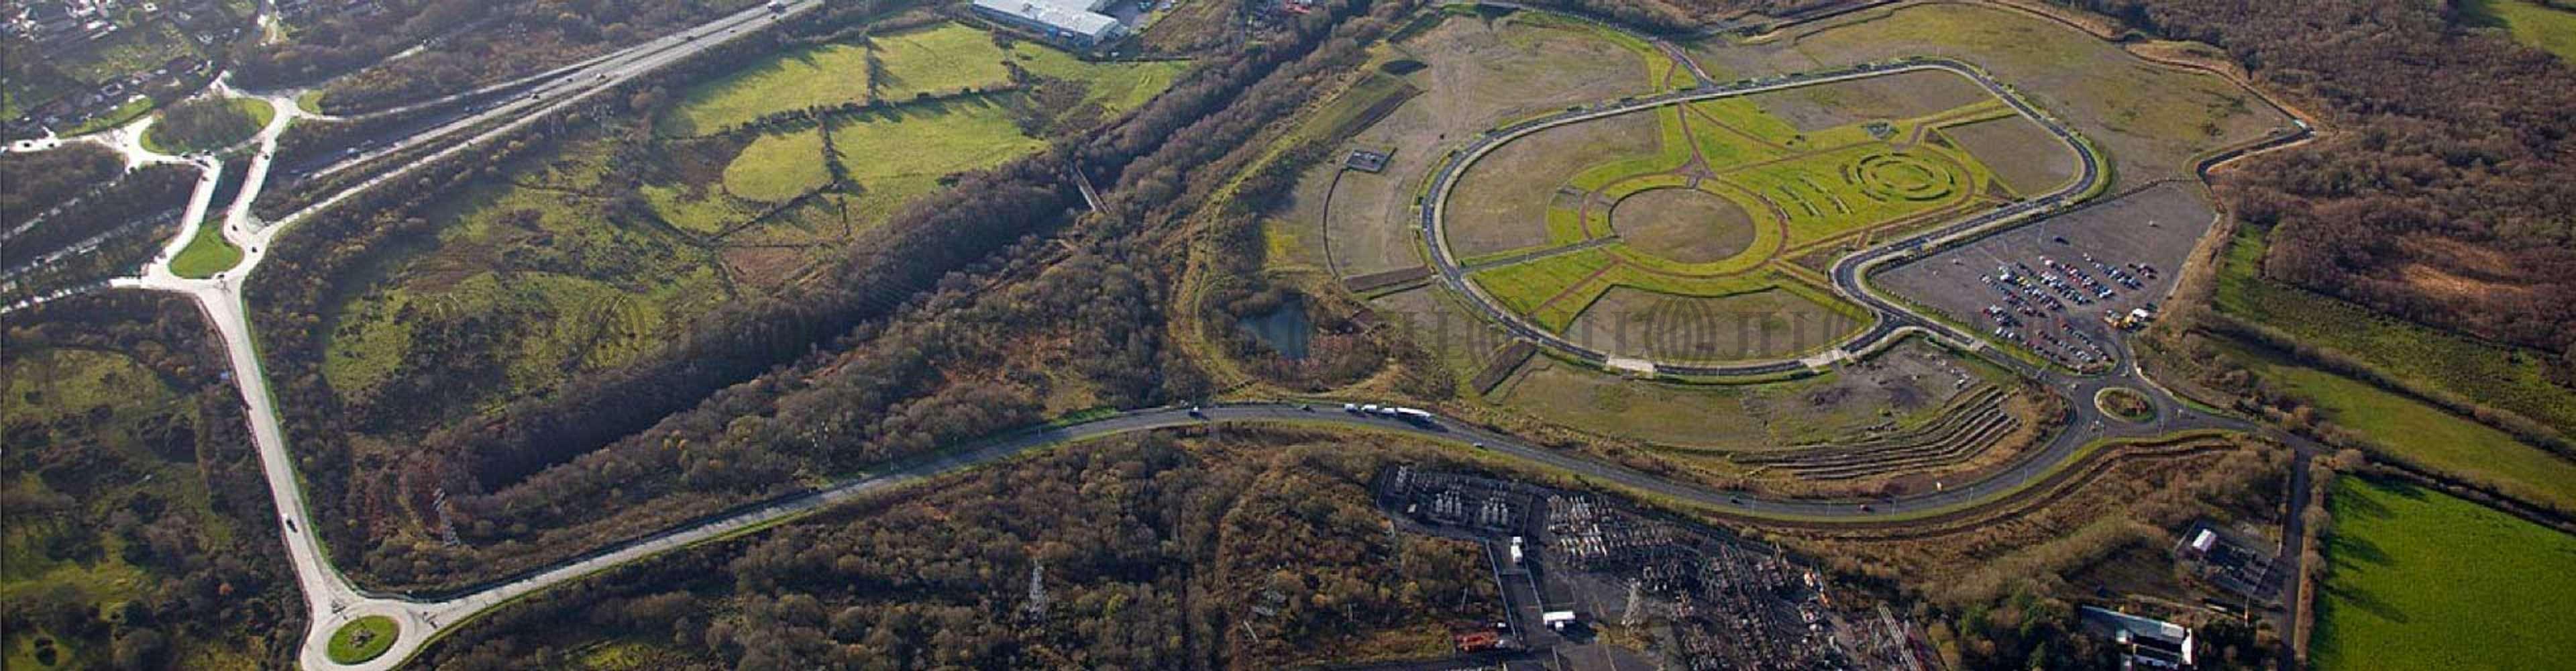 Industrial Swansea, SA5 7LU - Parc Felindre - 81440